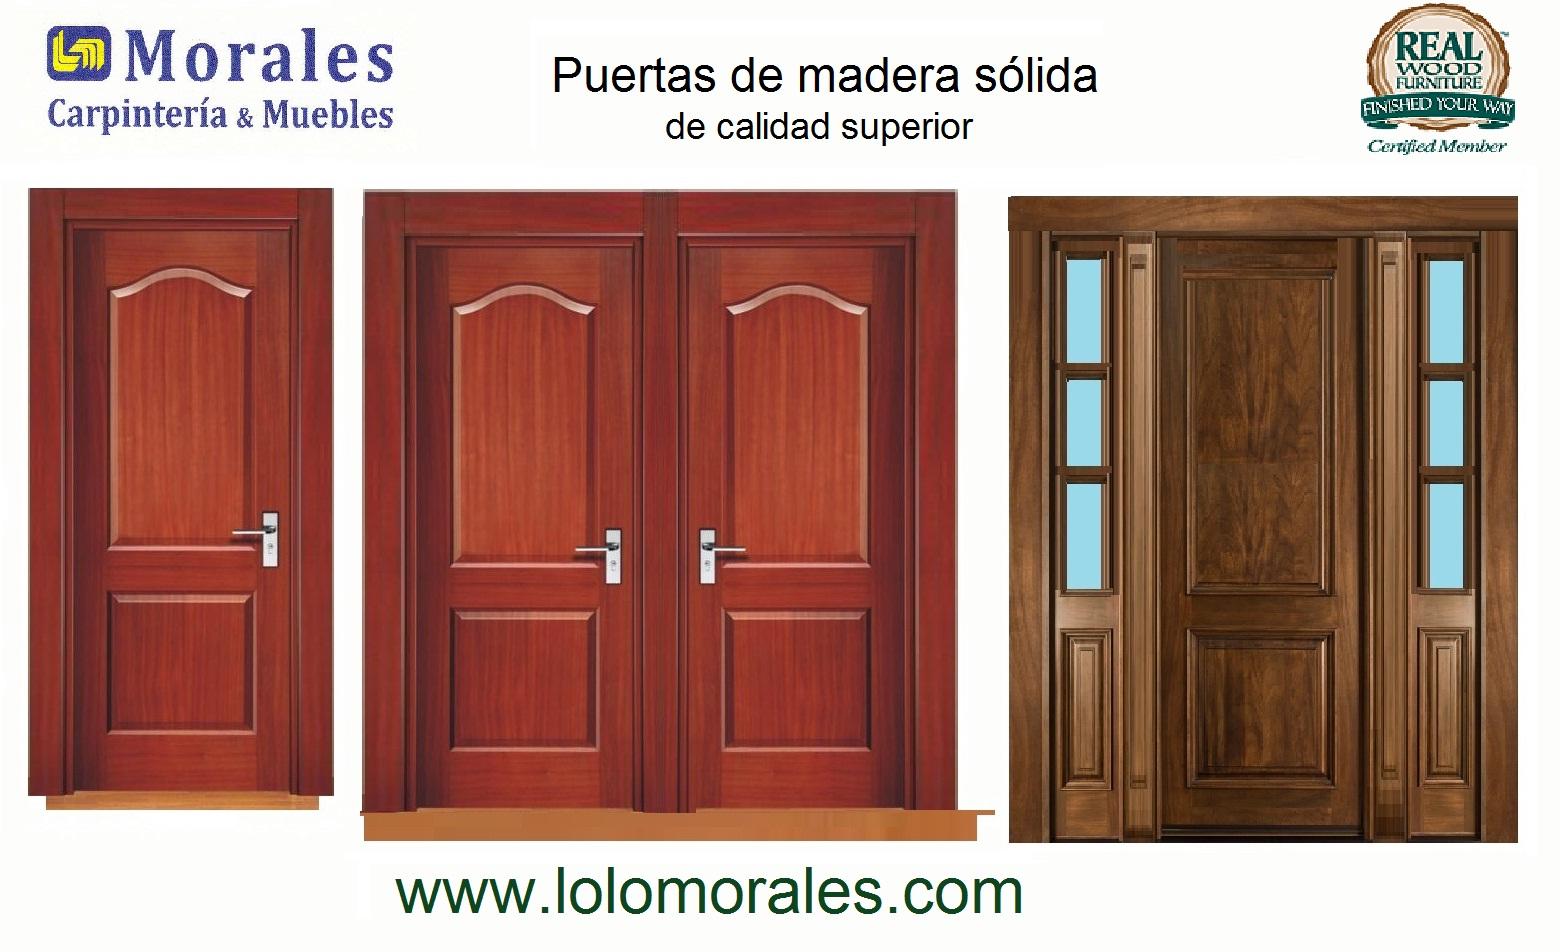 Donde venden puertas de madera baratas materiales de for Puertas de entrada de madera baratas